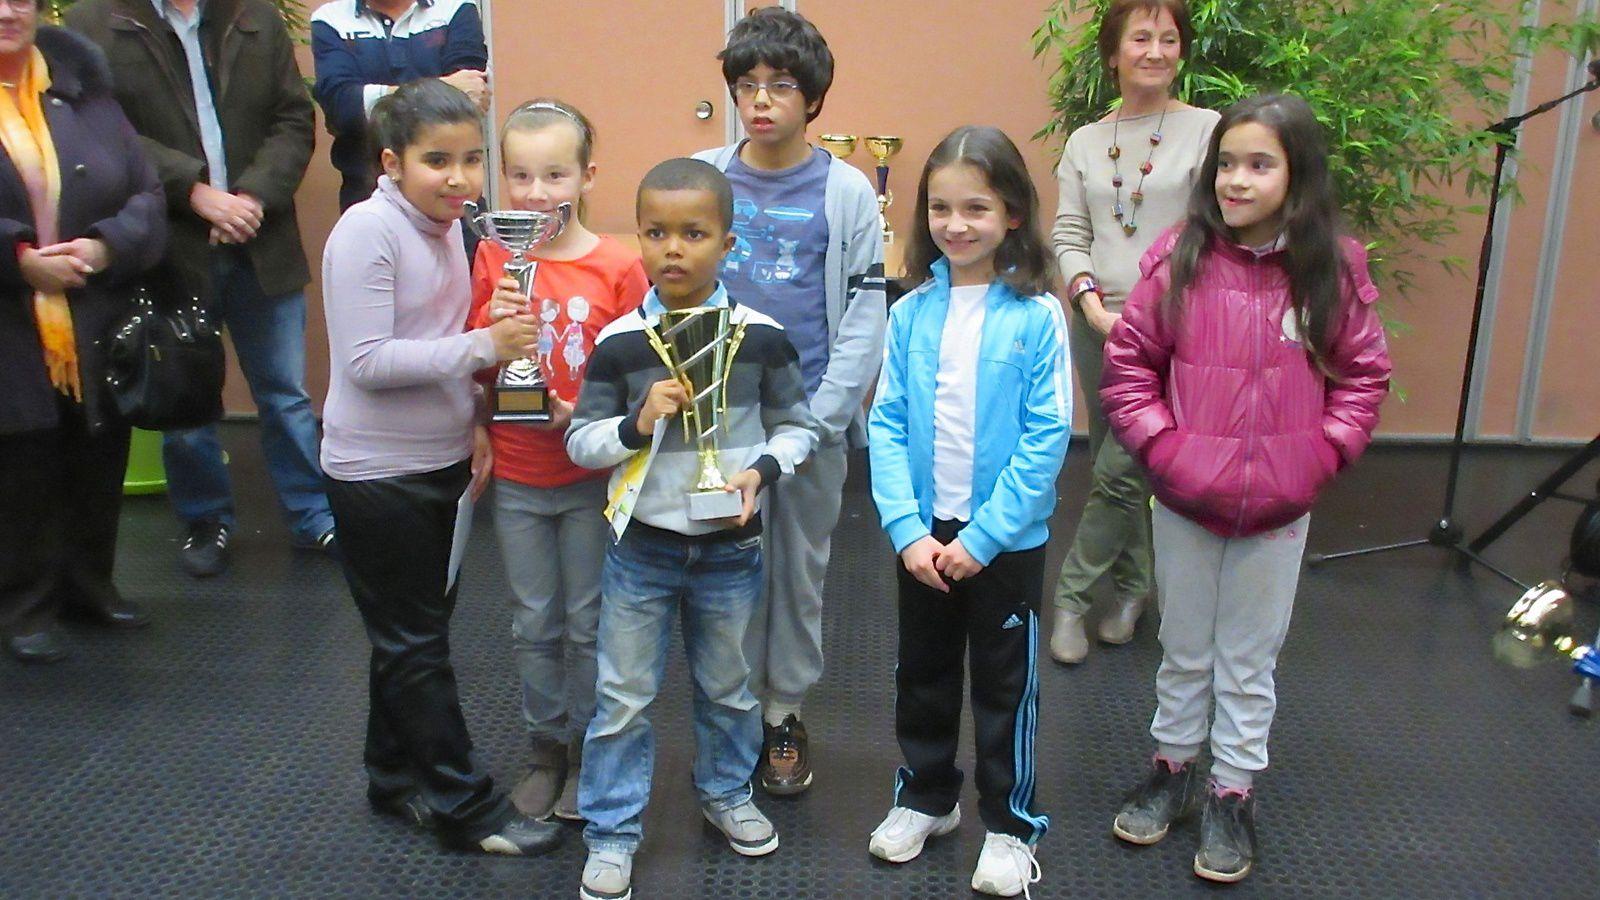 Rémise de récompenses aux établissements scolaires qui ont participé en novembre à la 35e Foulée vénissiane